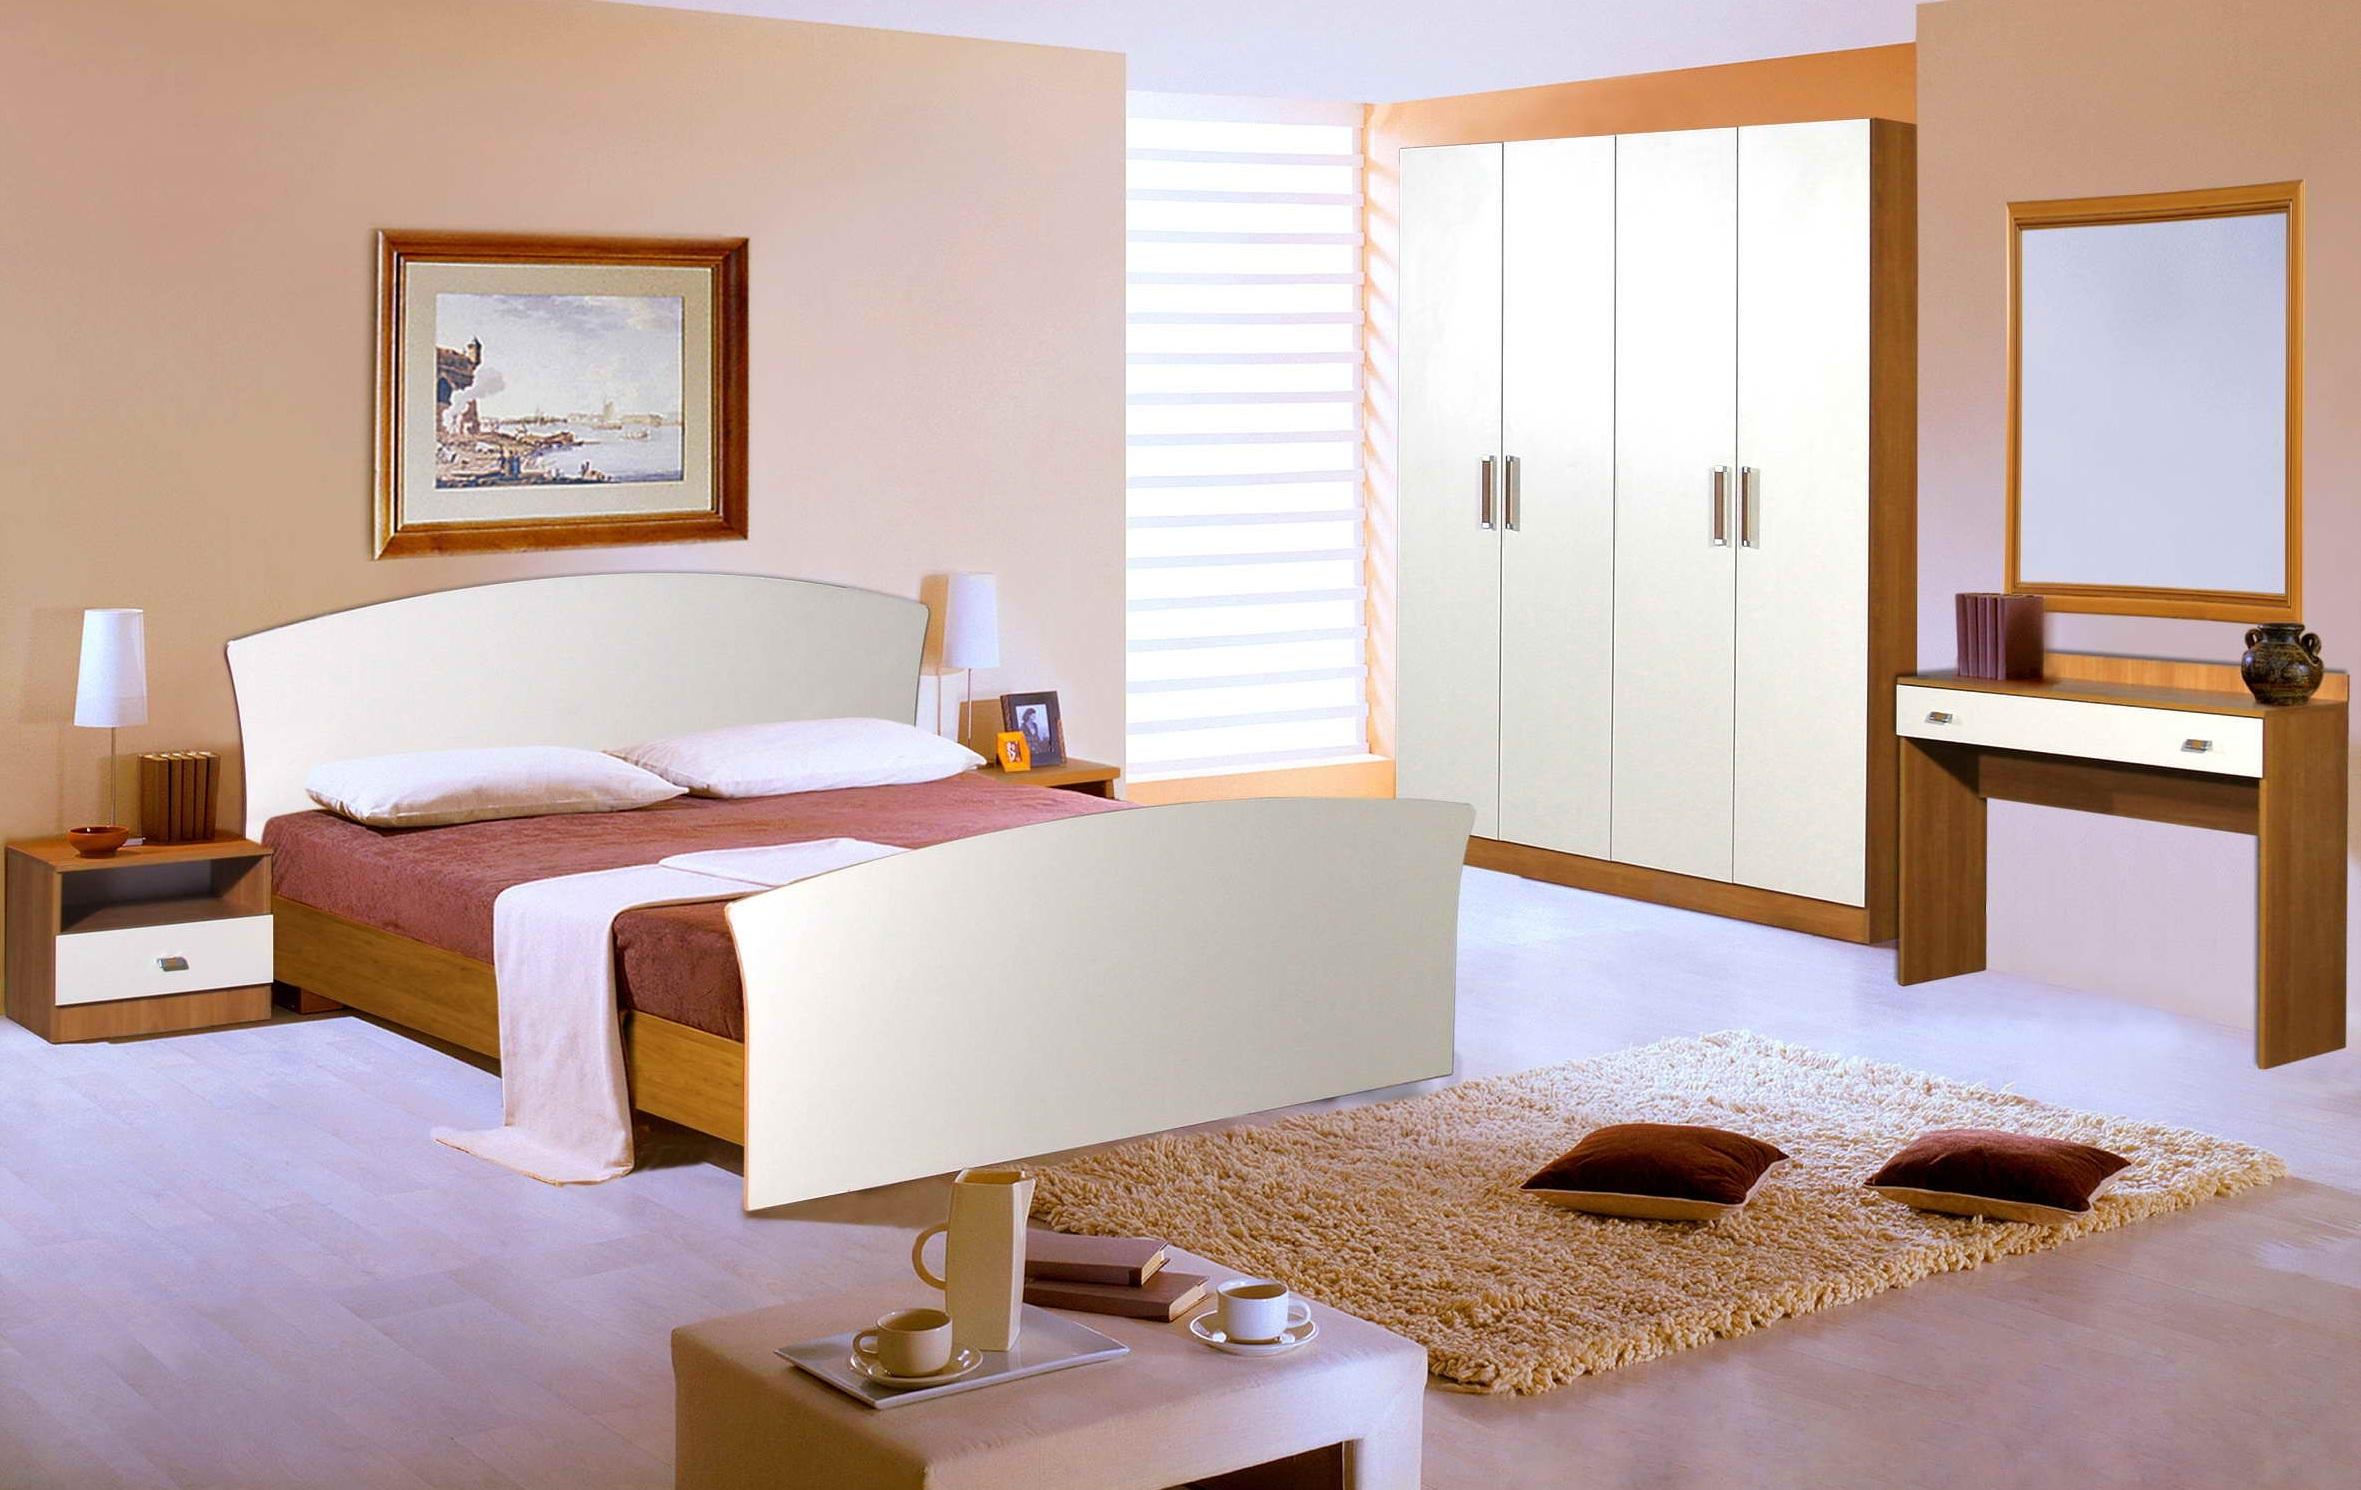 Современная мебель для спальни в москве.